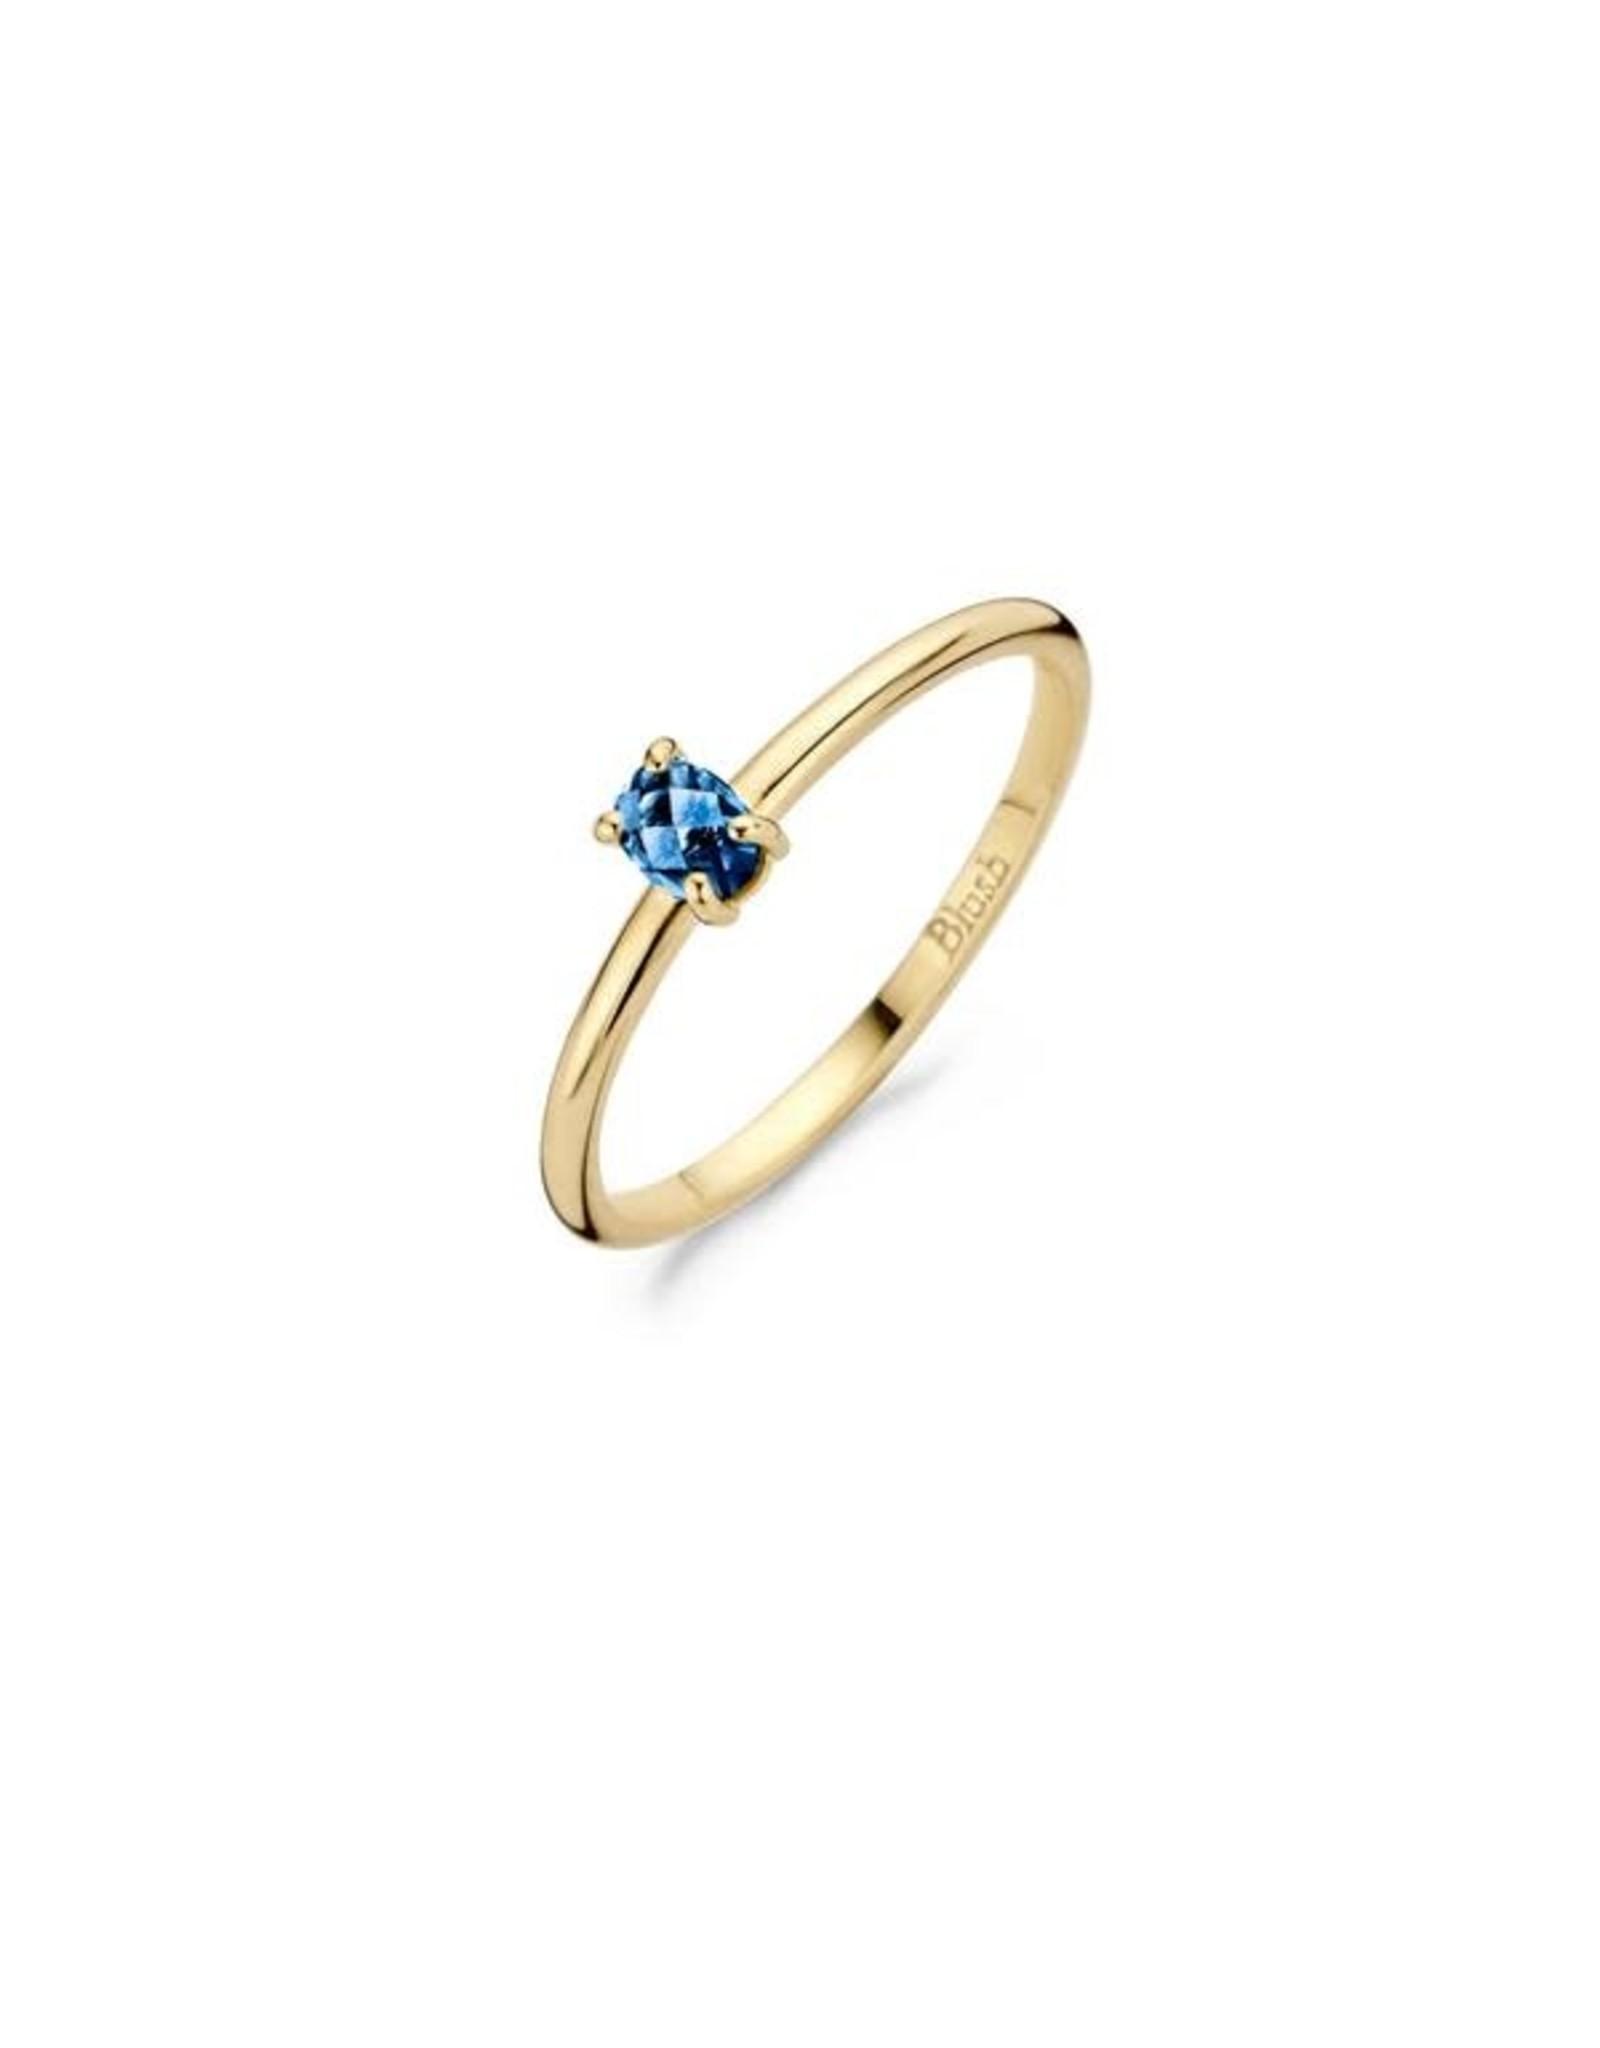 Blush Ring Blush geel goud 14kt 1204YLB/56 topaas maat 56